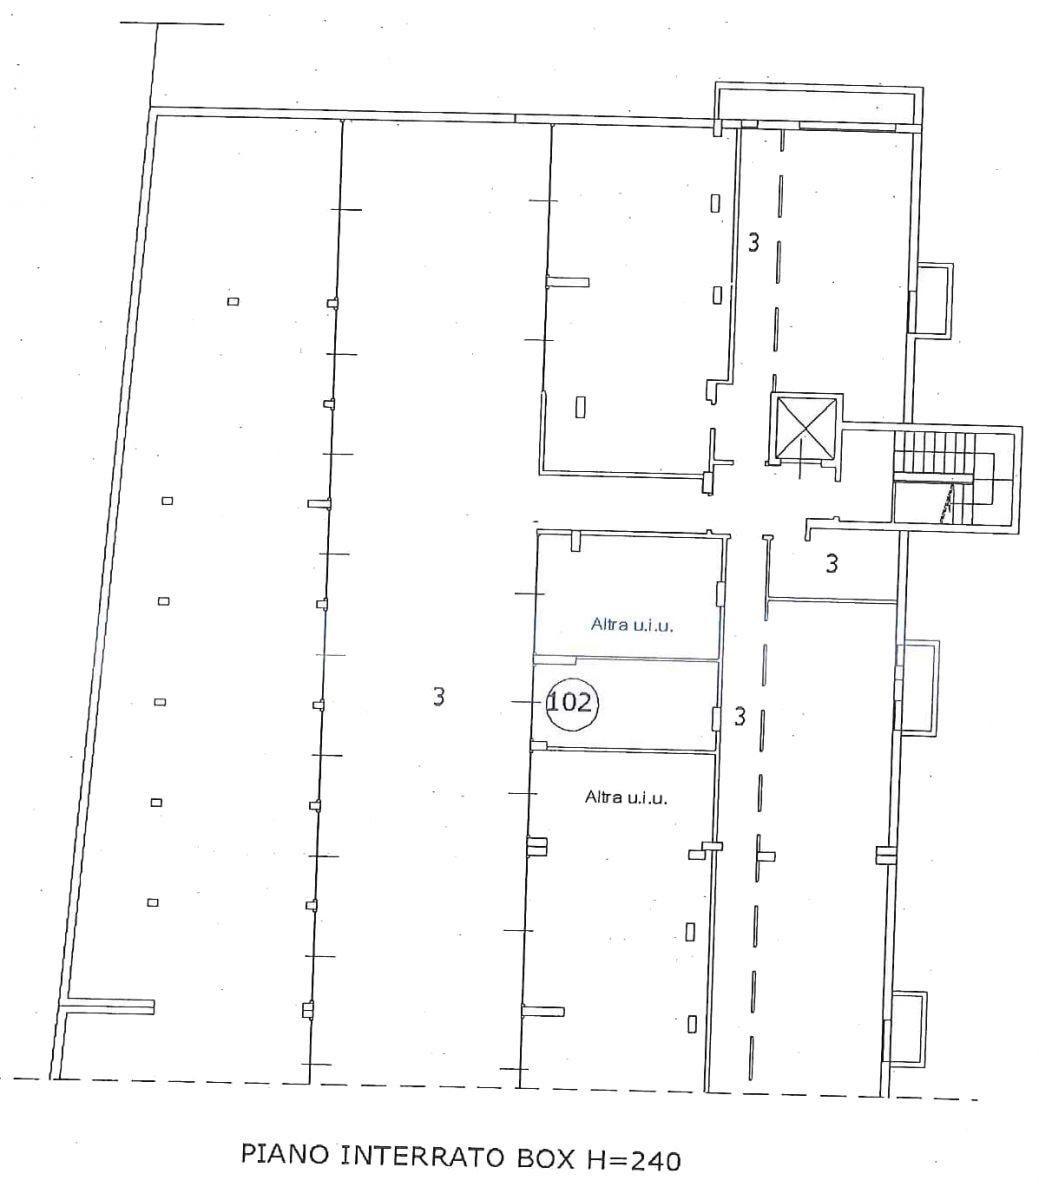 appartamento-in-vendita-trezzano-sul-naviglio-milano-spaziourbano-immobiliare-vende-26